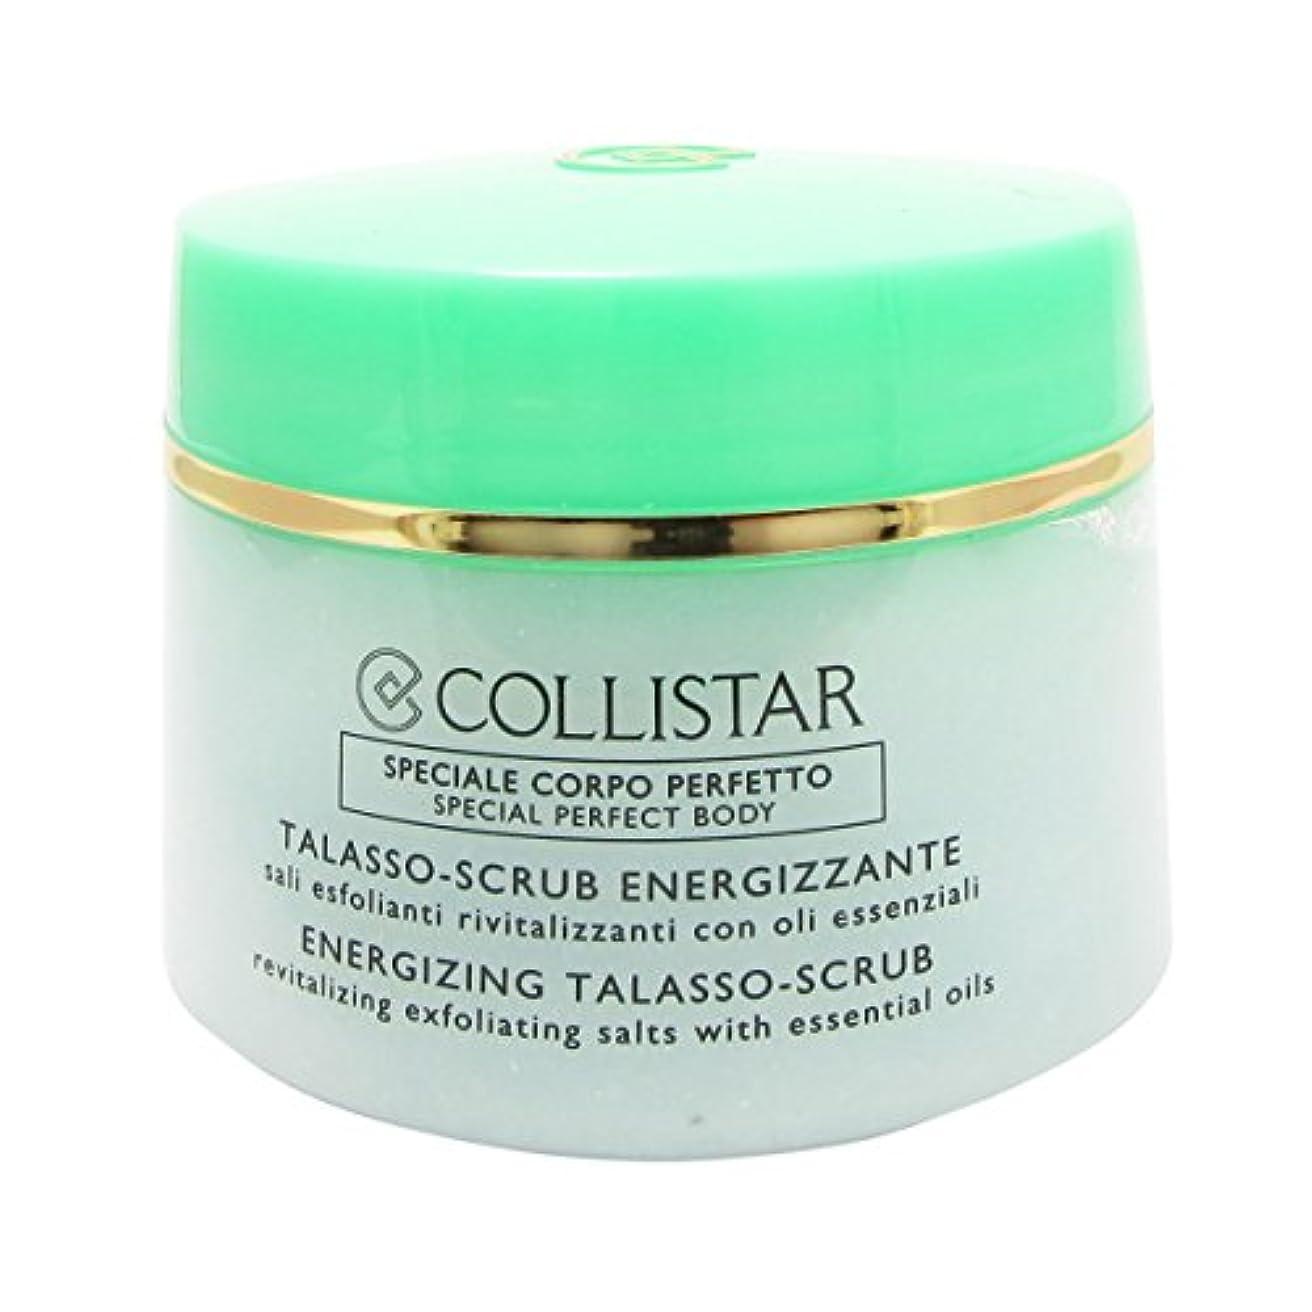 無条件死の顎借りるCollistar Special Perfect Body Energizing Talasso-scrub 700gr [並行輸入品]